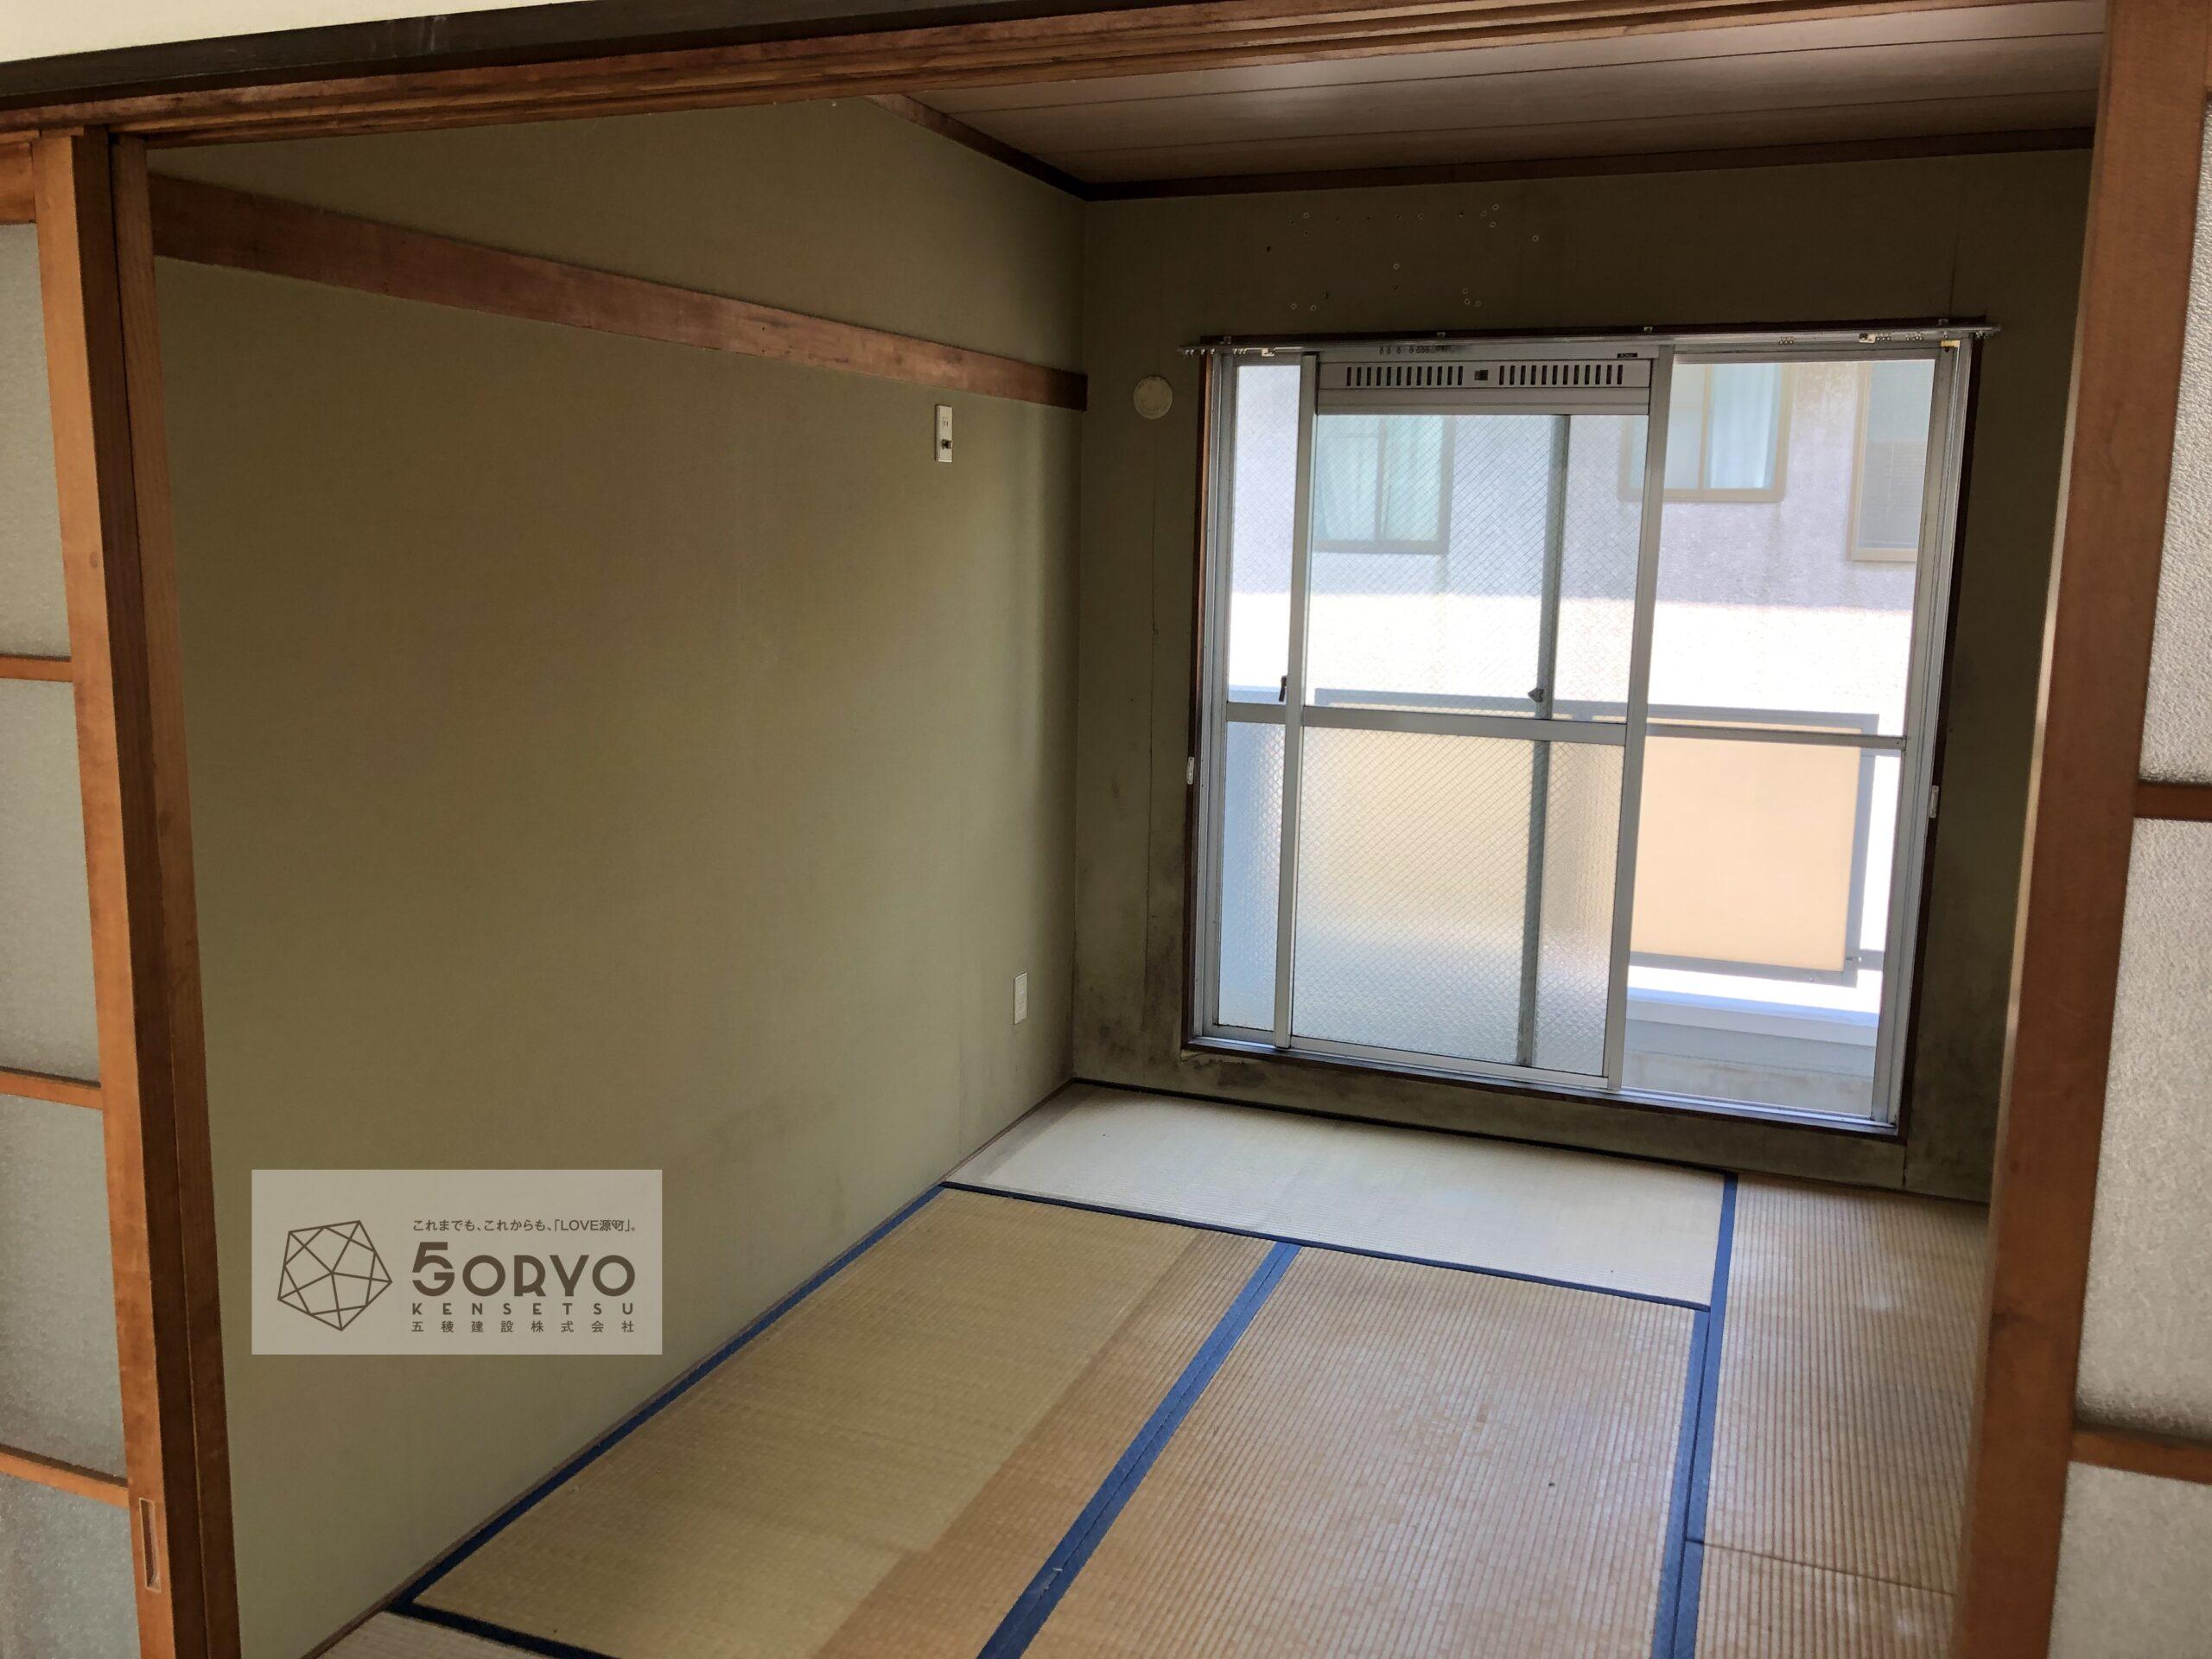 千葉市若葉区 和室から洋室へリノベーション:施工前